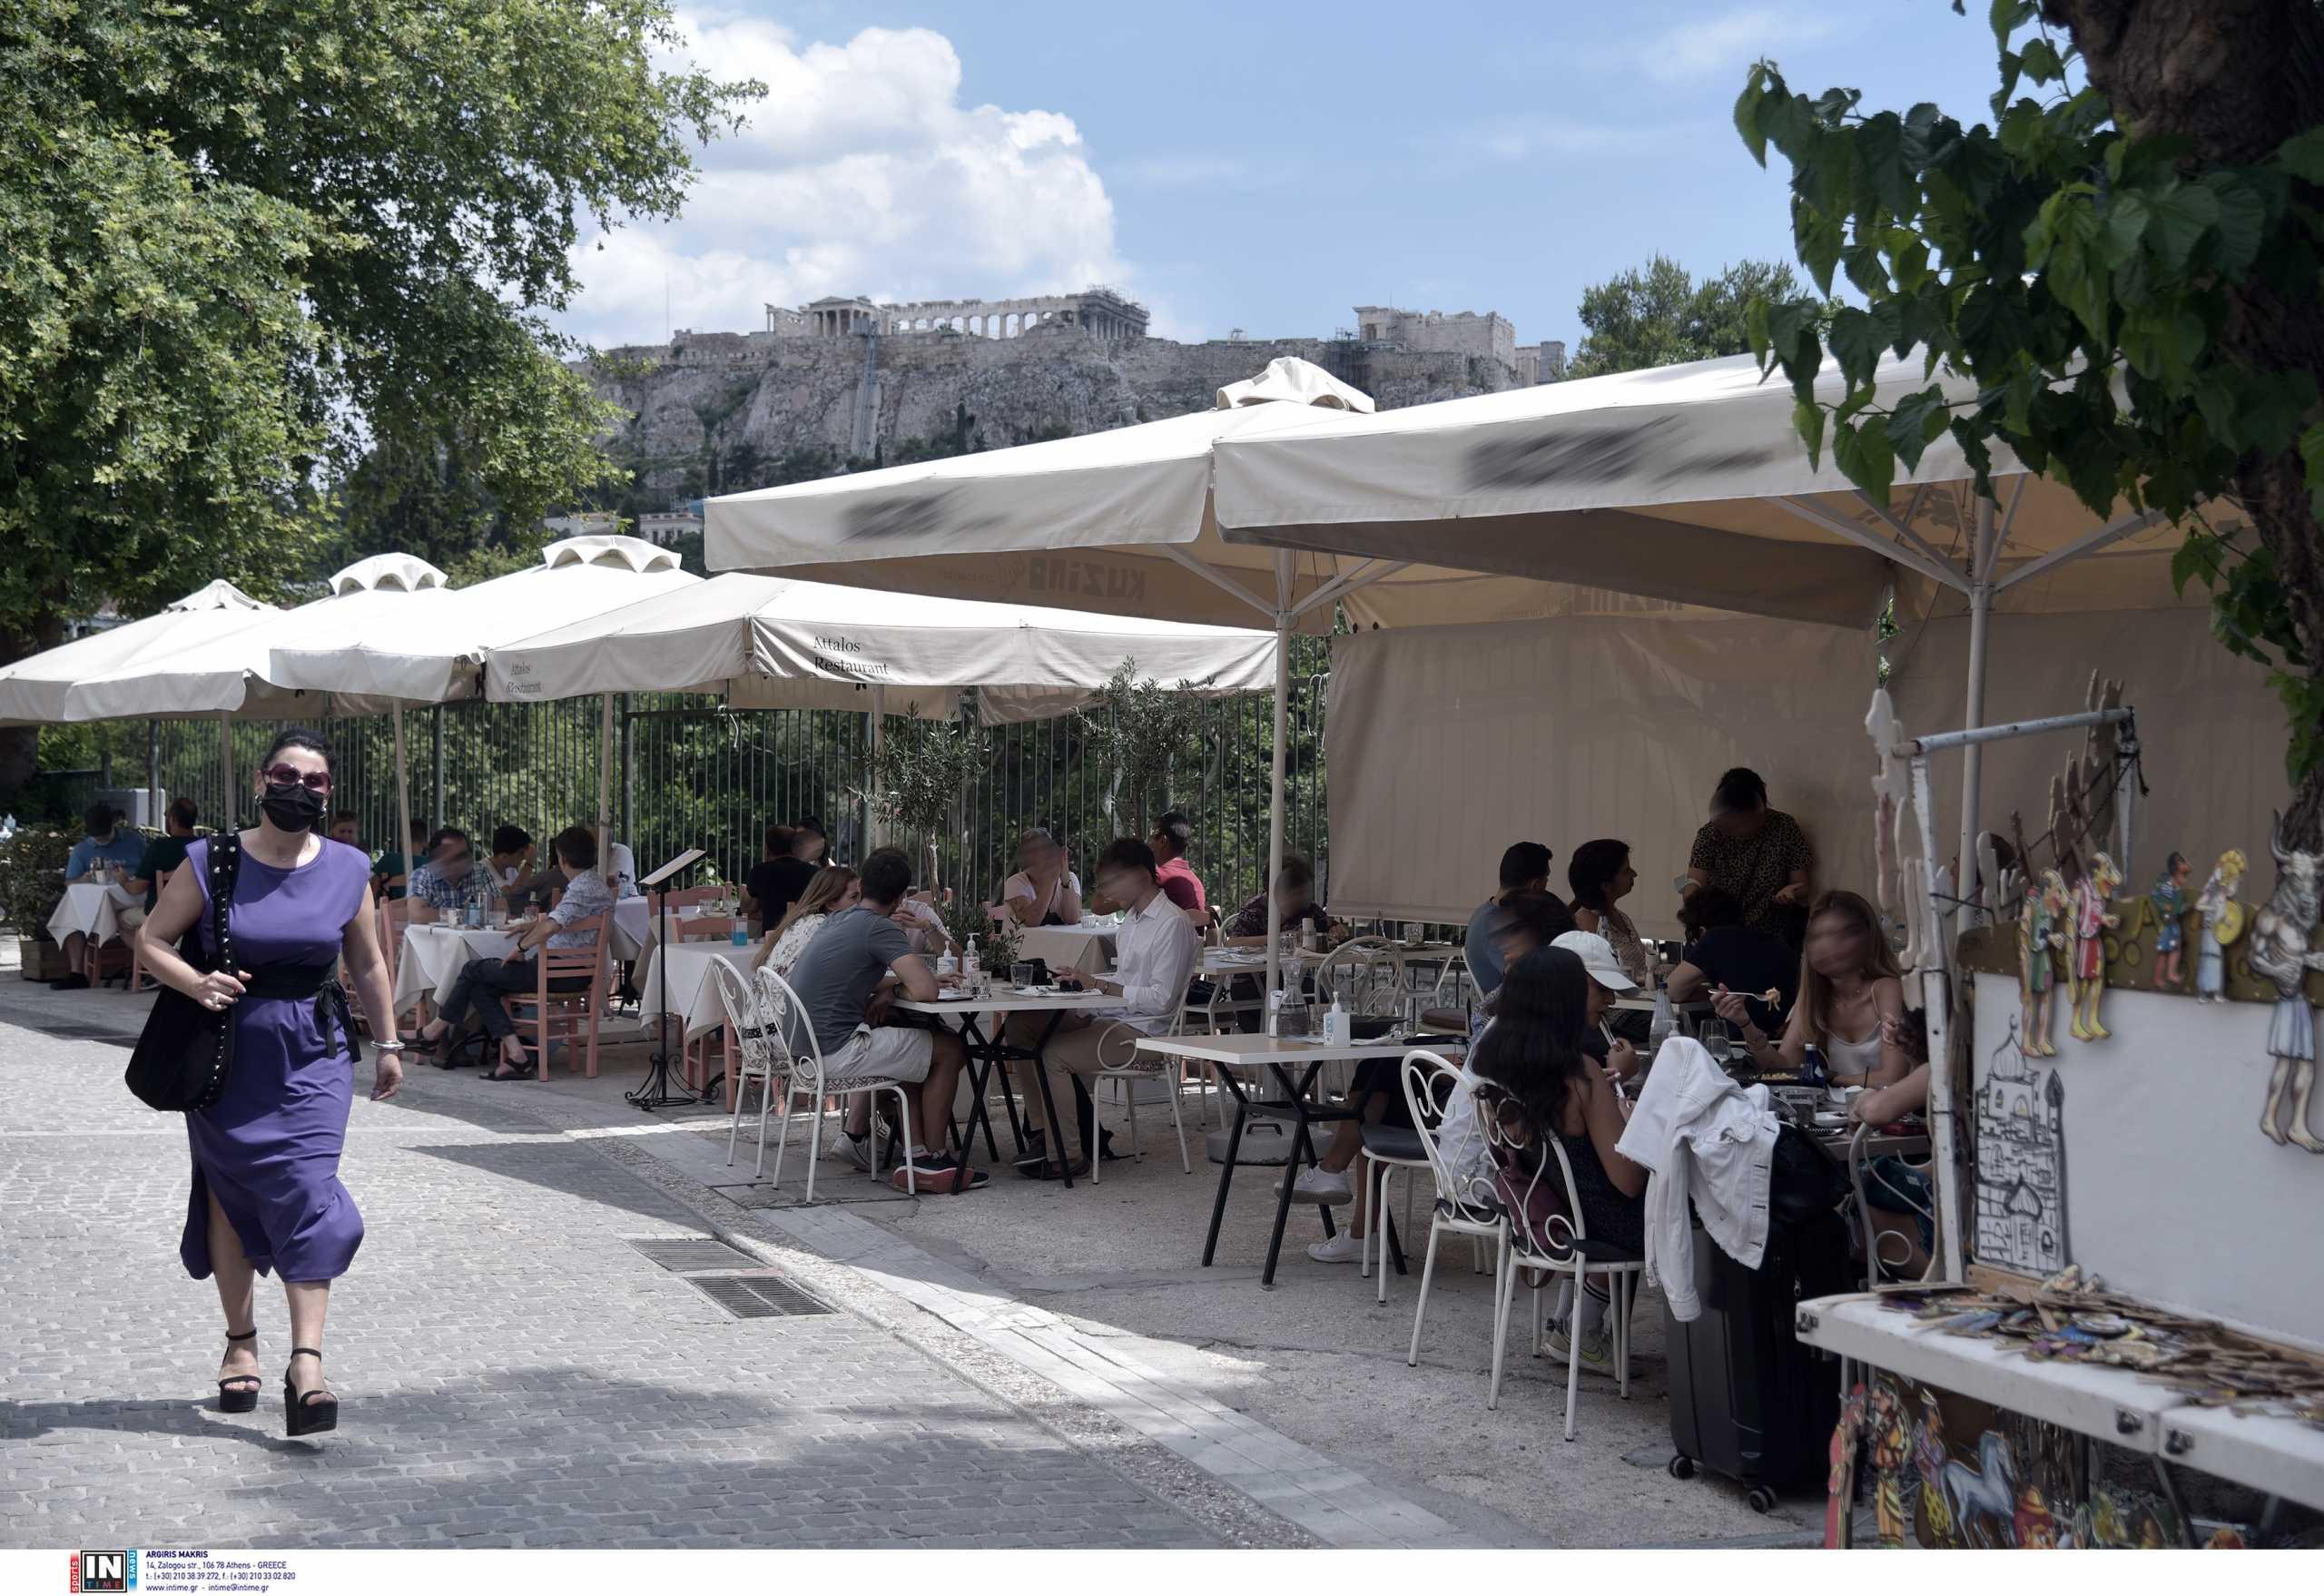 Κορονοϊός: Μόνο Αττική, Θεσσαλονίκη και Κρήτη με τριψήφιο αριθμό νέων κρουσμάτων